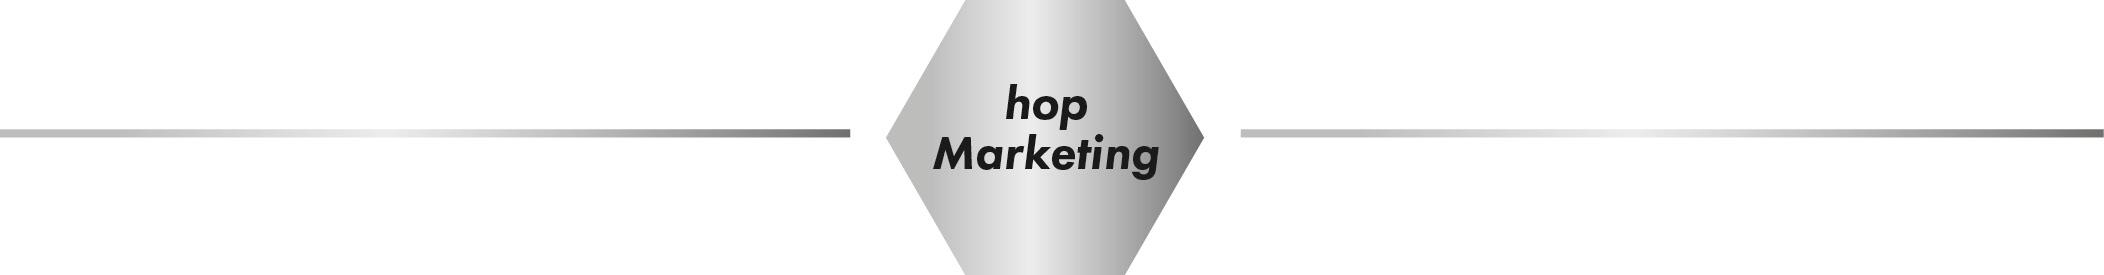 hop-vermarktungsmodell-marketing-full.jpg